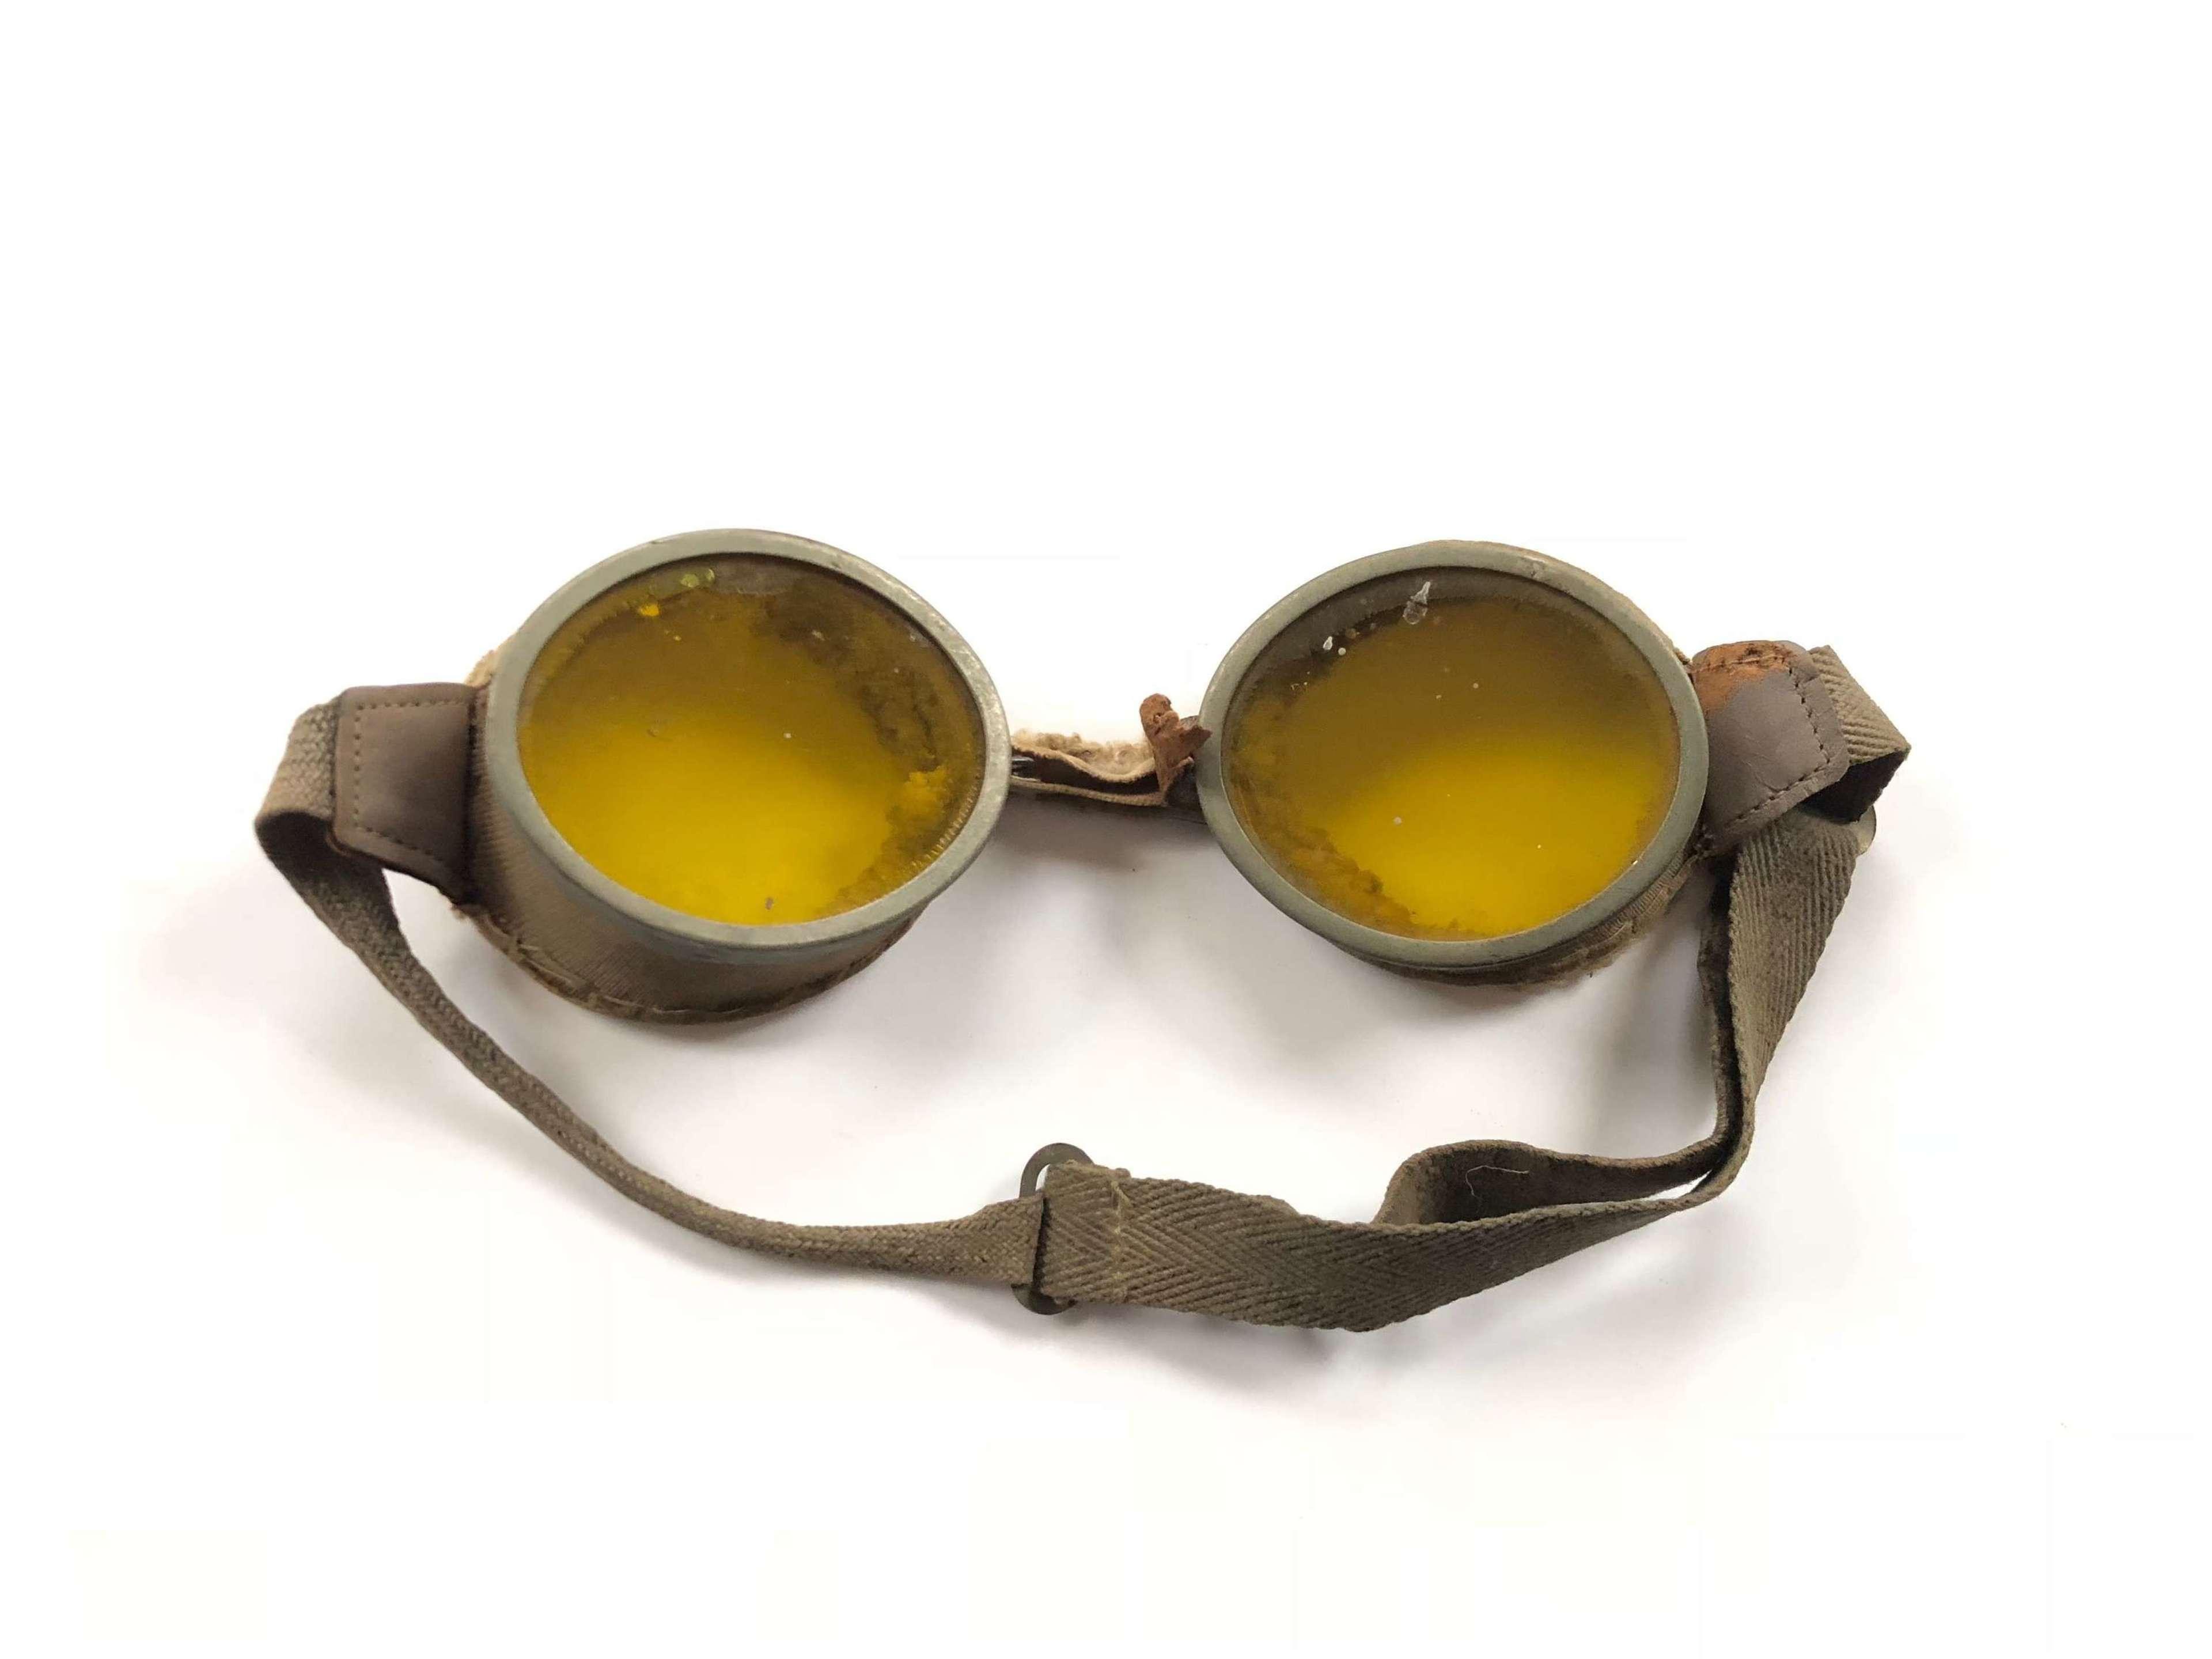 WW2 British Army Issue Goggles.